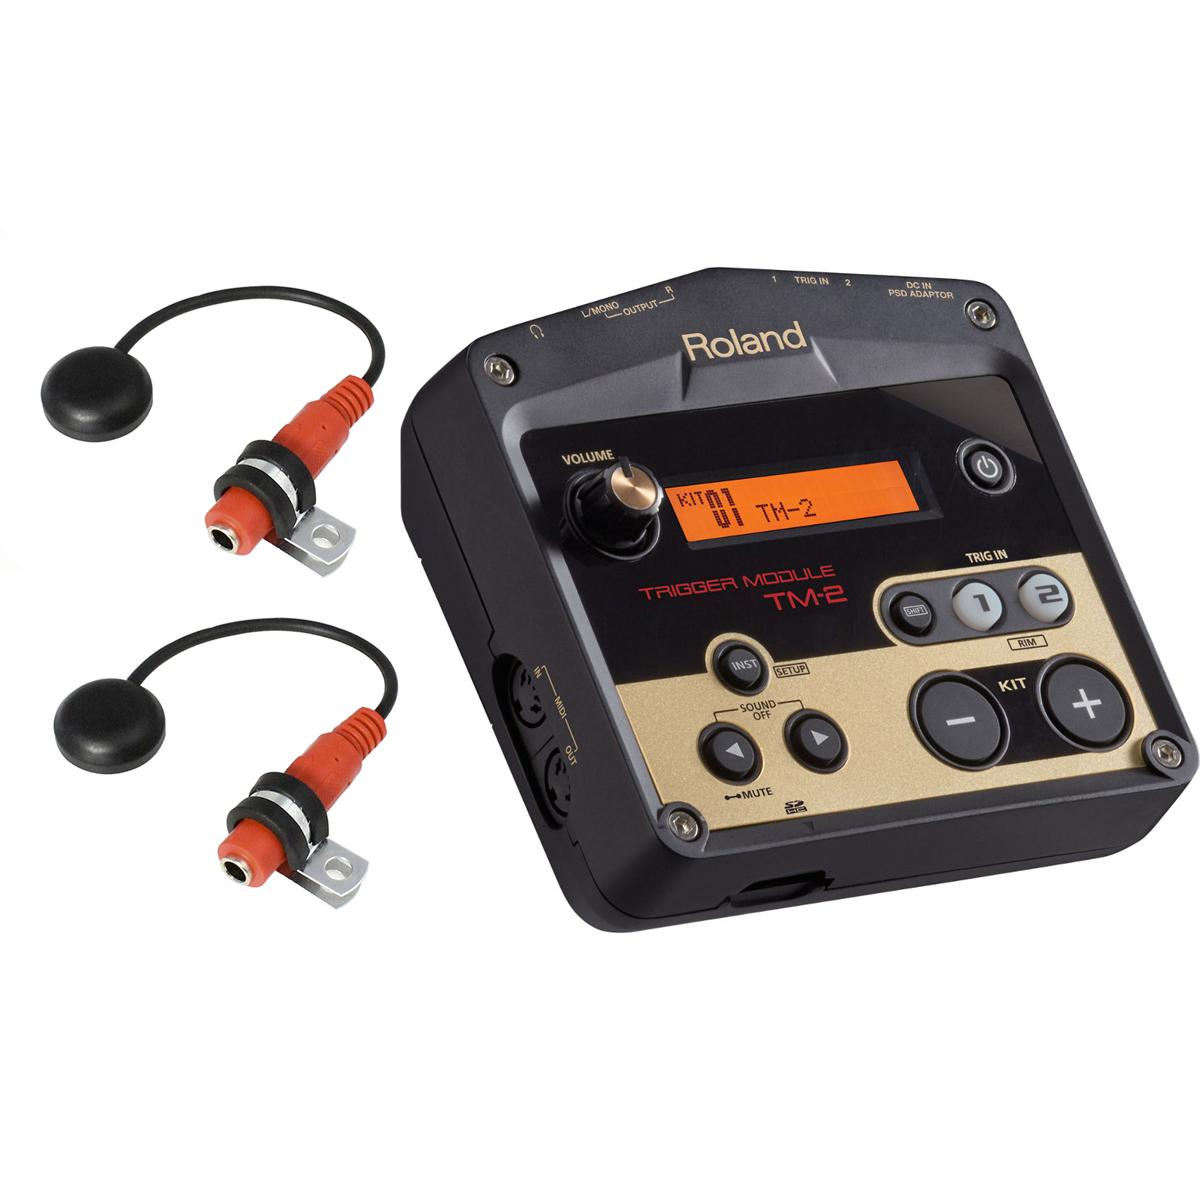 ローランド 音源モジュールRoland Trigger Module TM-2 Pintech ドラムトリガー セット